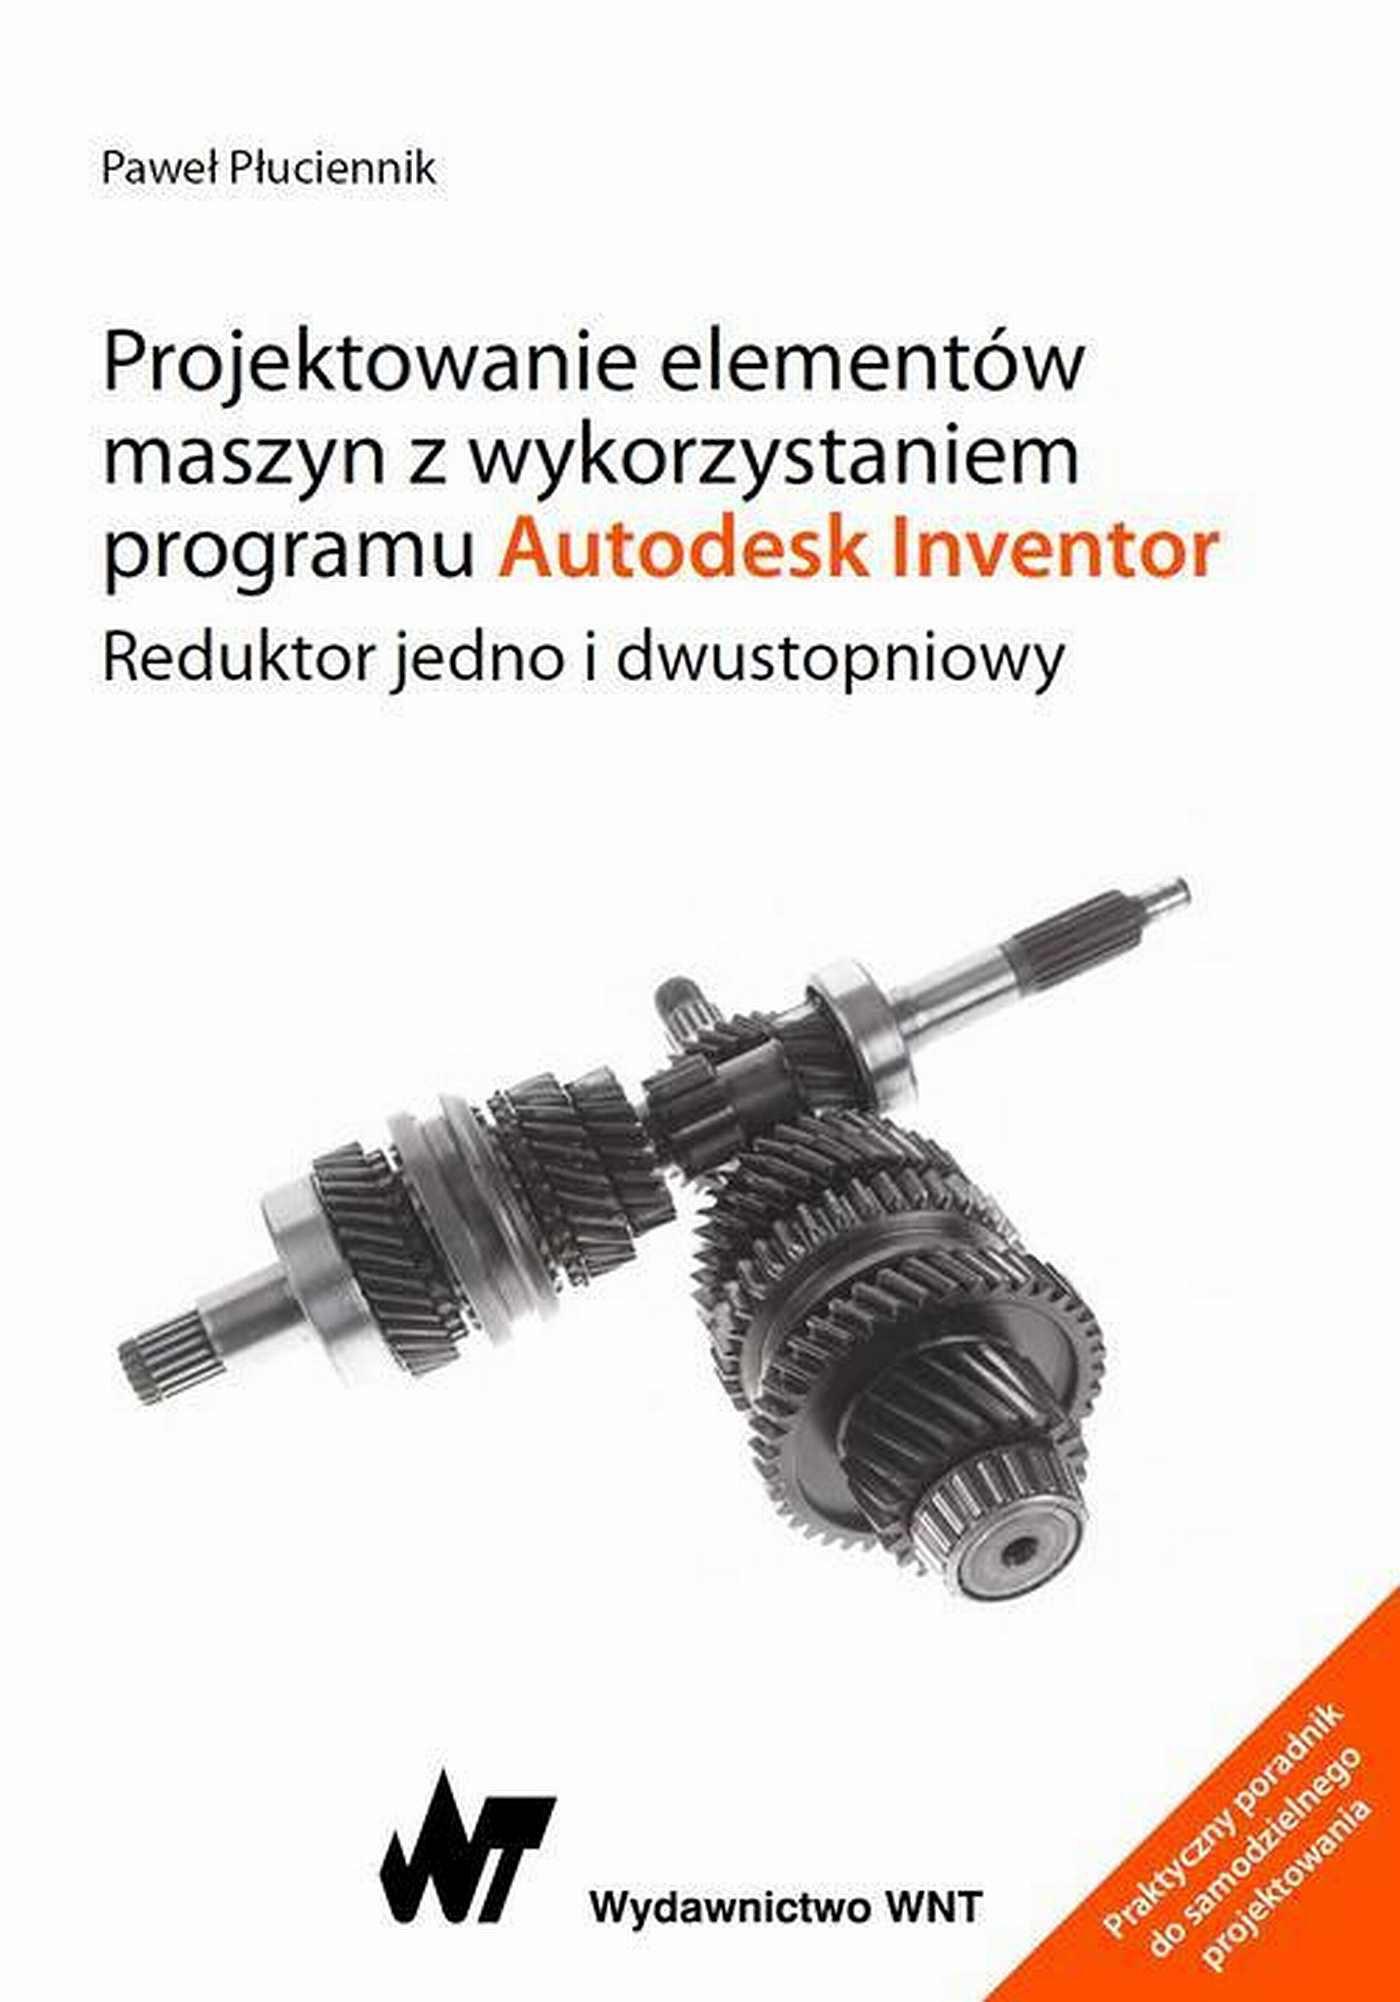 Projektowanie elementów maszyn z wykorzystaniem programu Autodesk Inventor - Ebook (Książka na Kindle) do pobrania w formacie MOBI